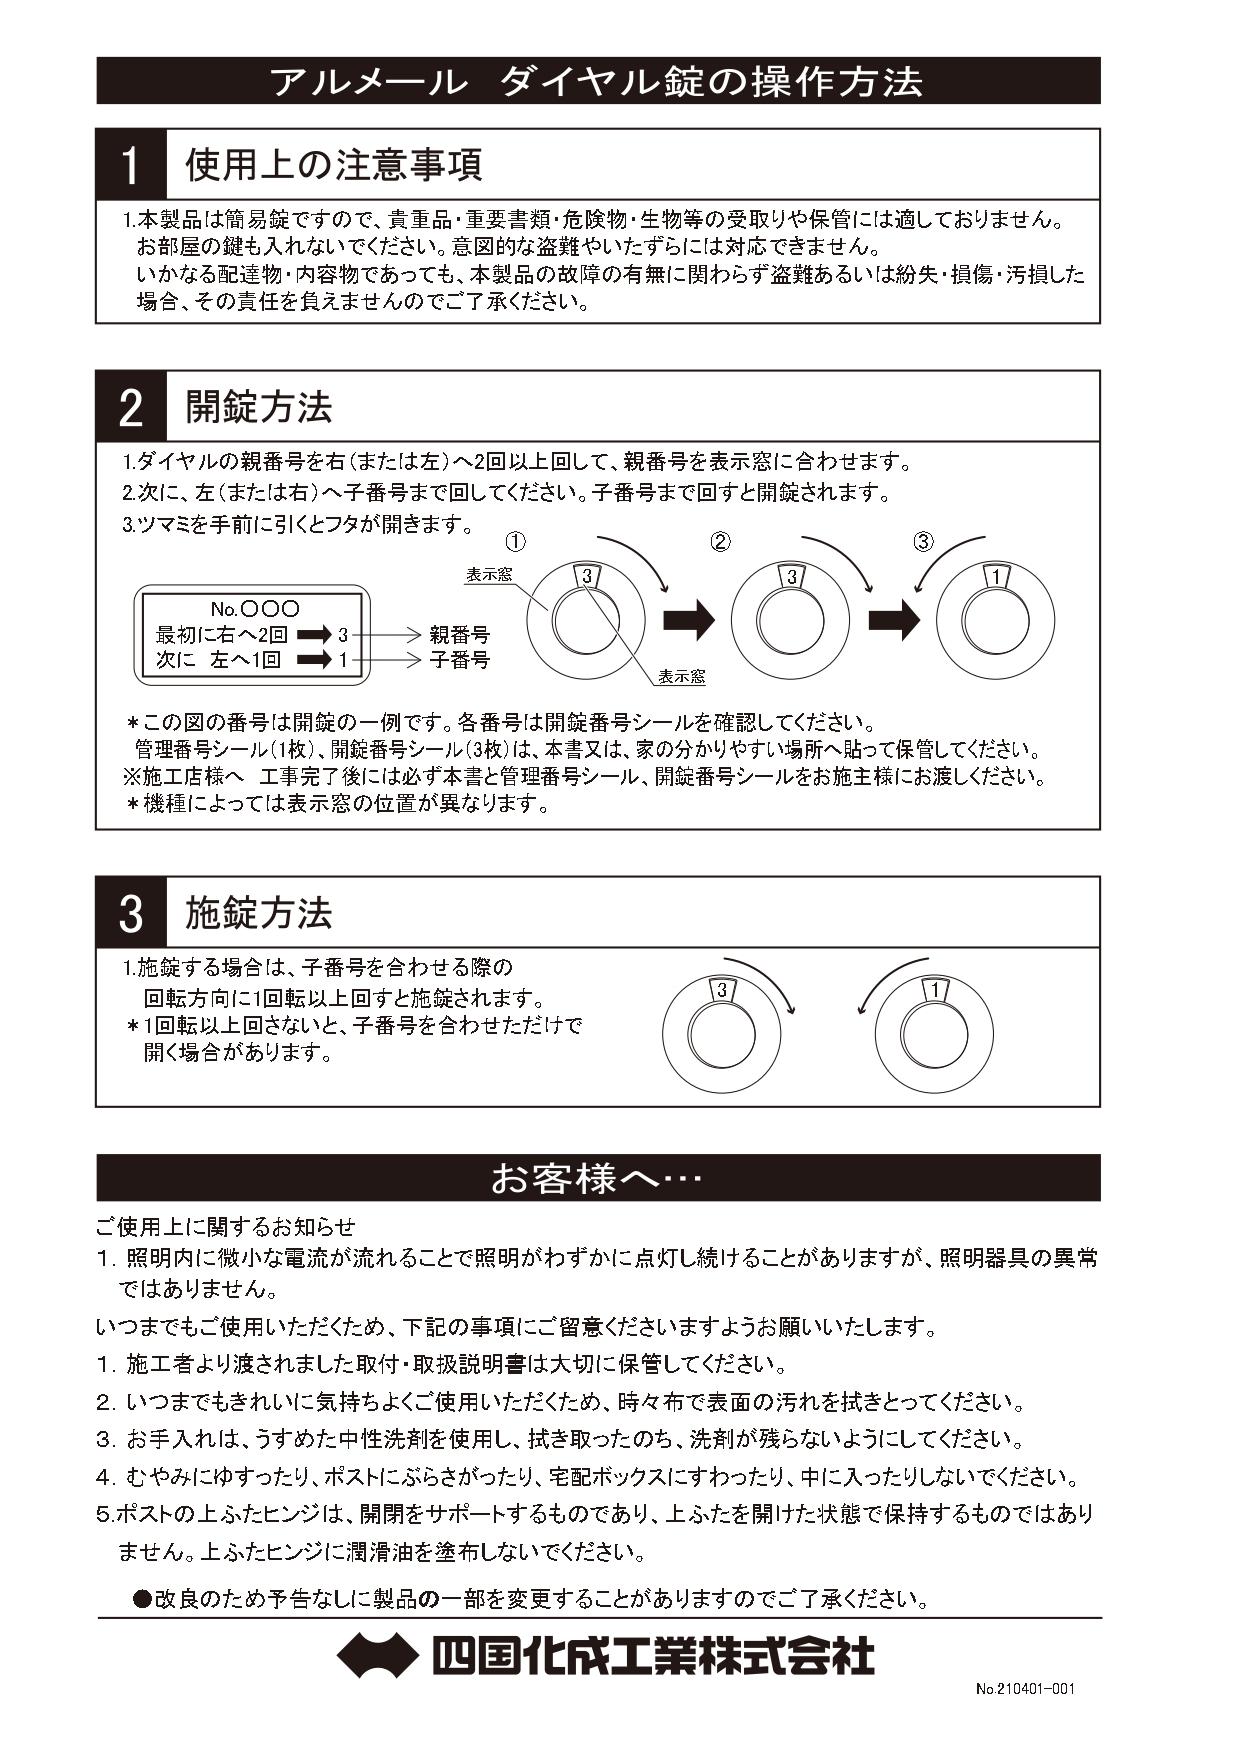 ソネット門柱1型 施工説明書_page-0010